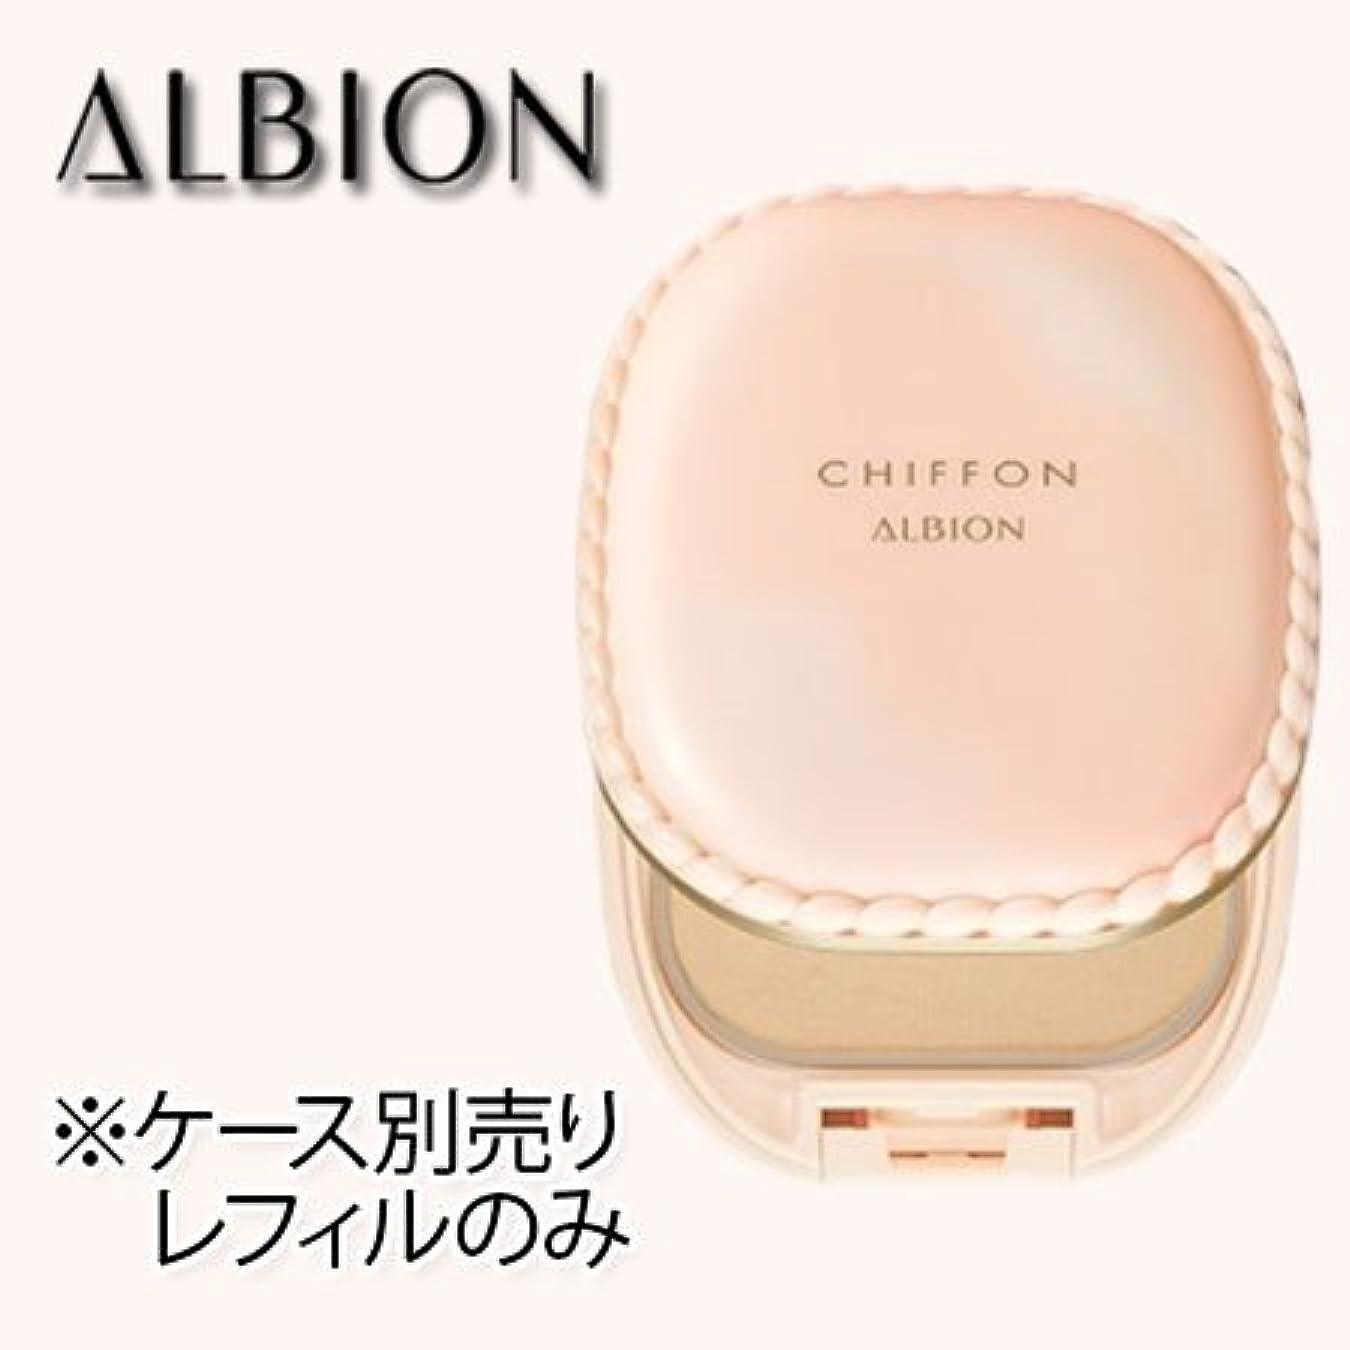 他にカルシウムサリーアルビオン スウィート モイスチュア シフォン (レフィル) 10g 6色 SPF22 PA++-ALBION- 030